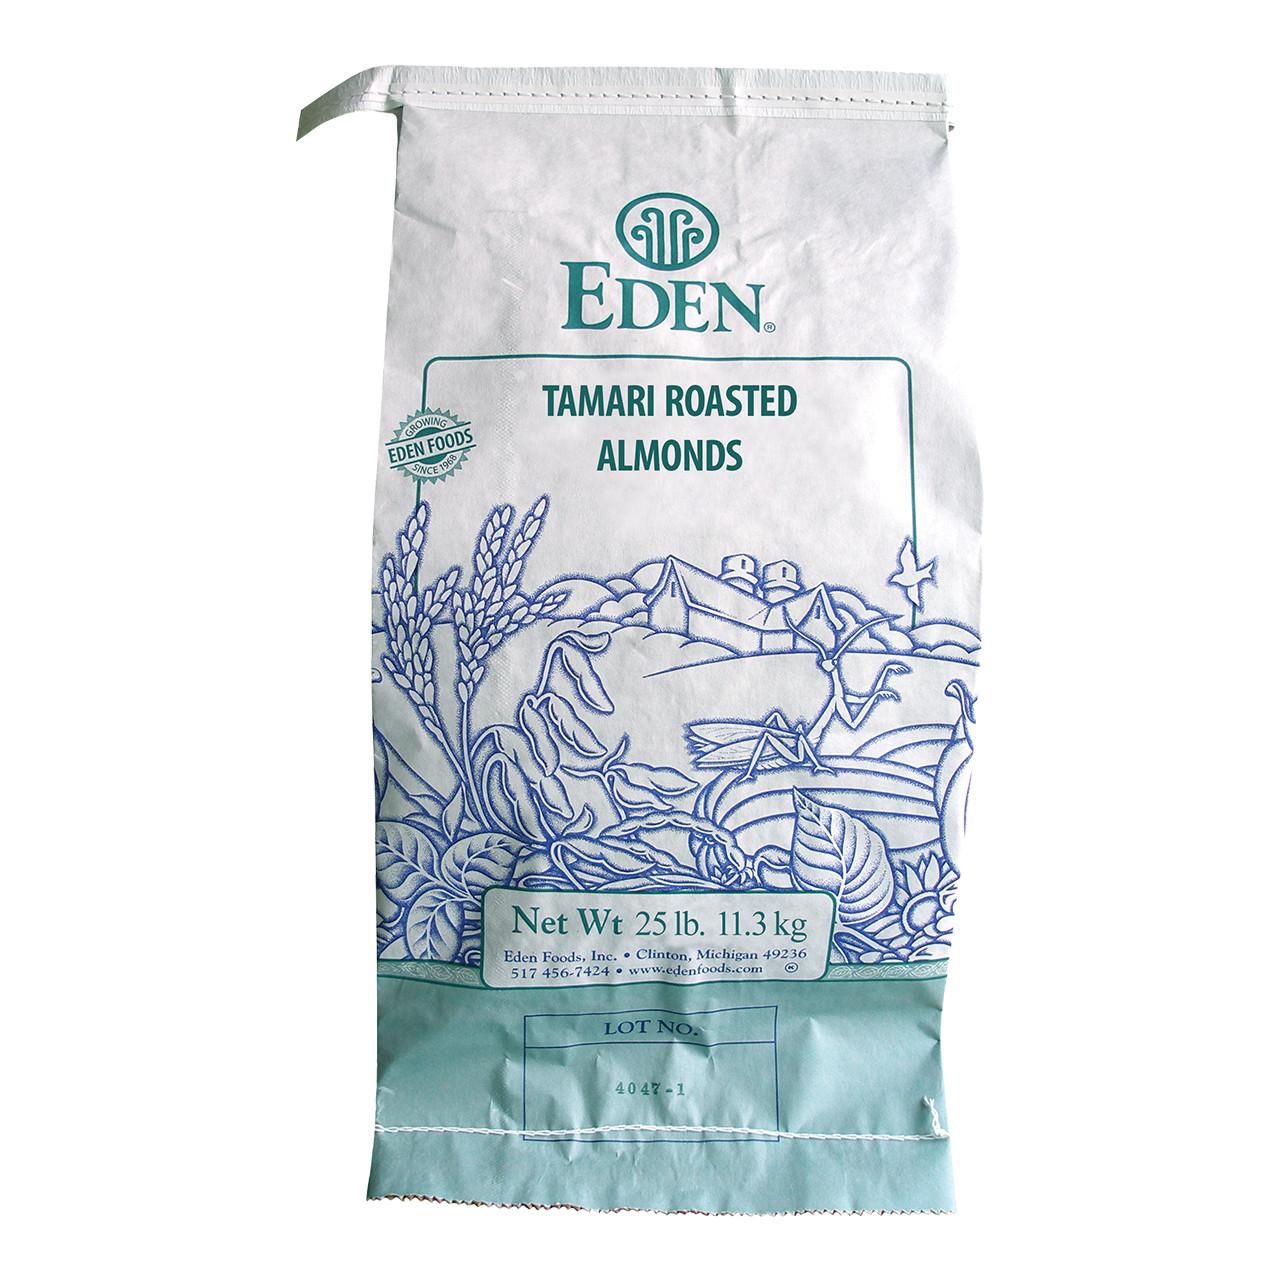 Tamari Roasted Almonds, Organic - 25 lb